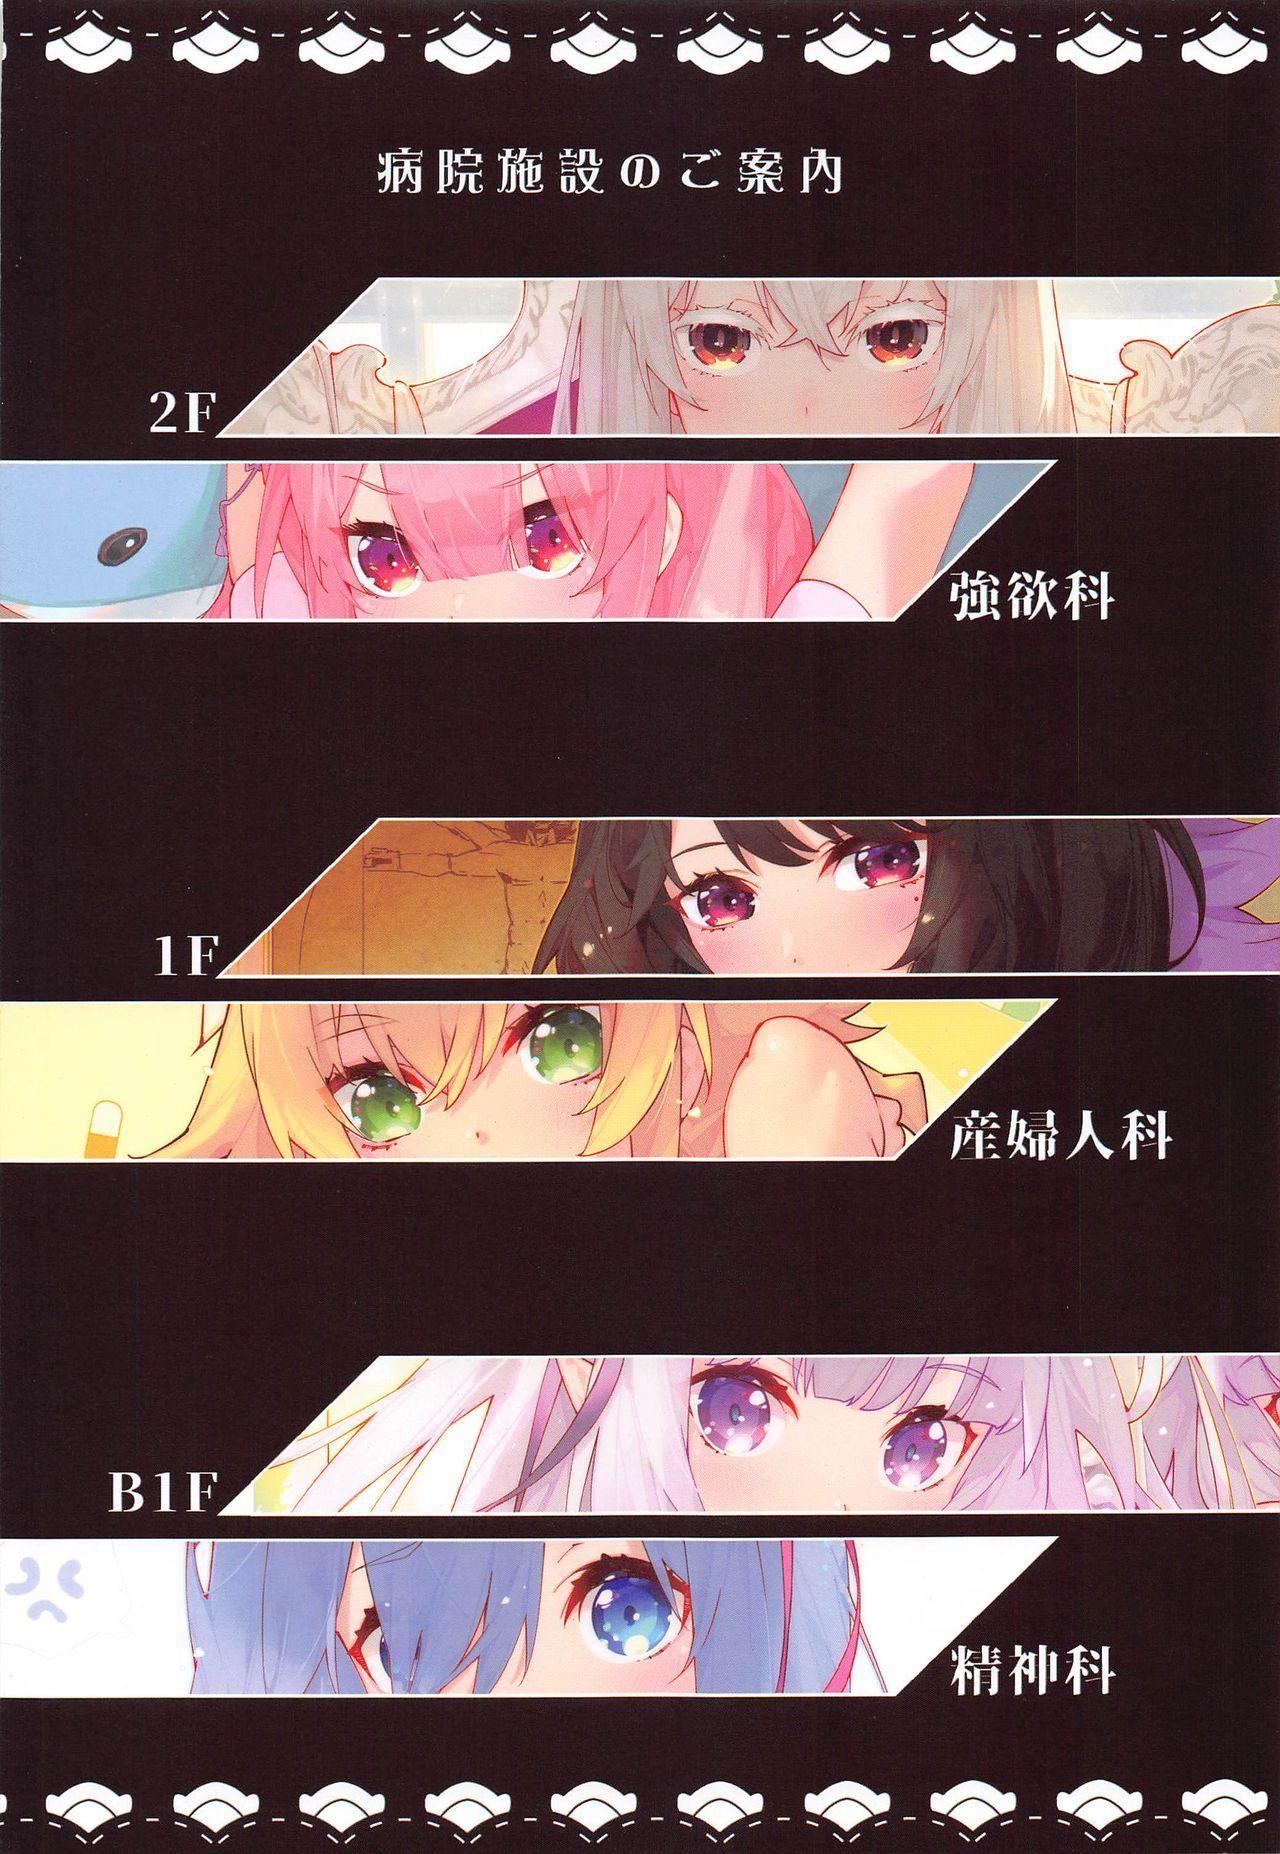 Re:Zero kara Hajimeru Shinryoukan Seikatsu 2